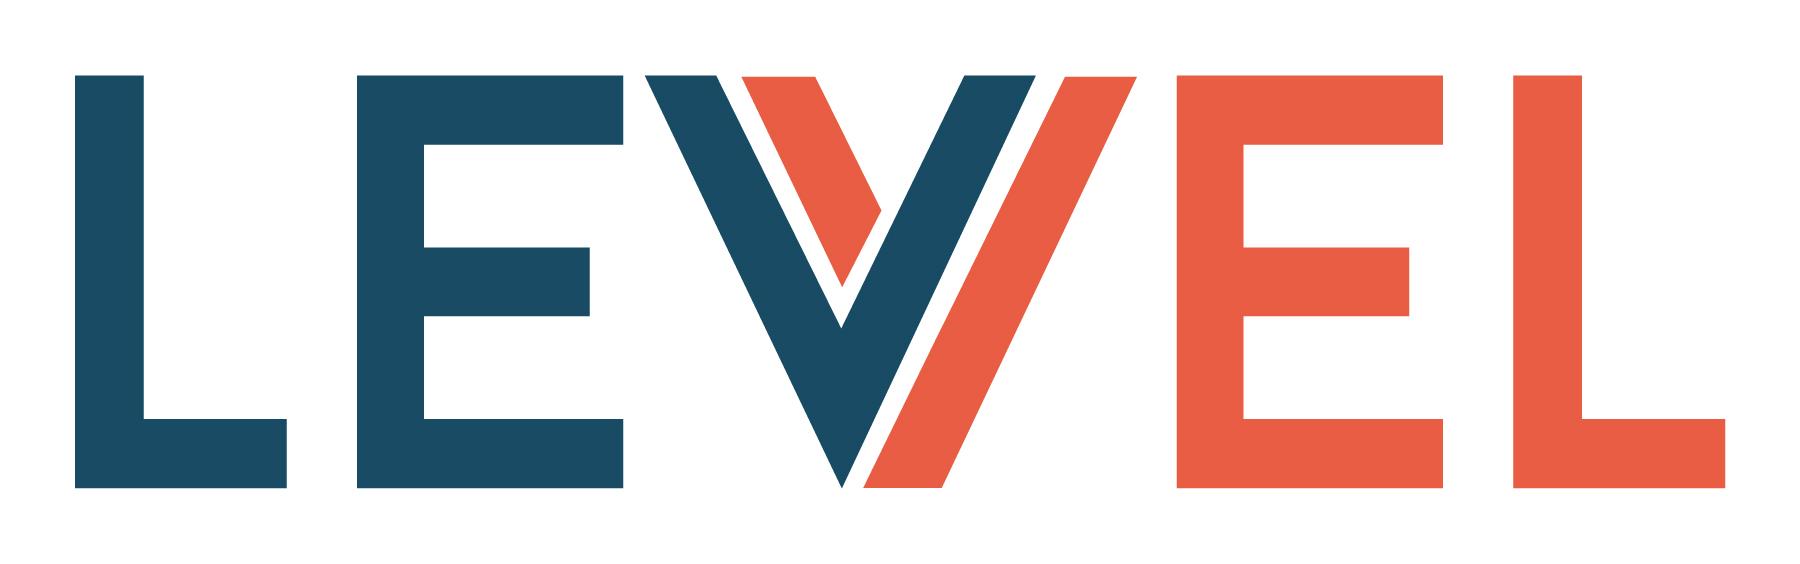 levvel-logo-dark-01.jpg